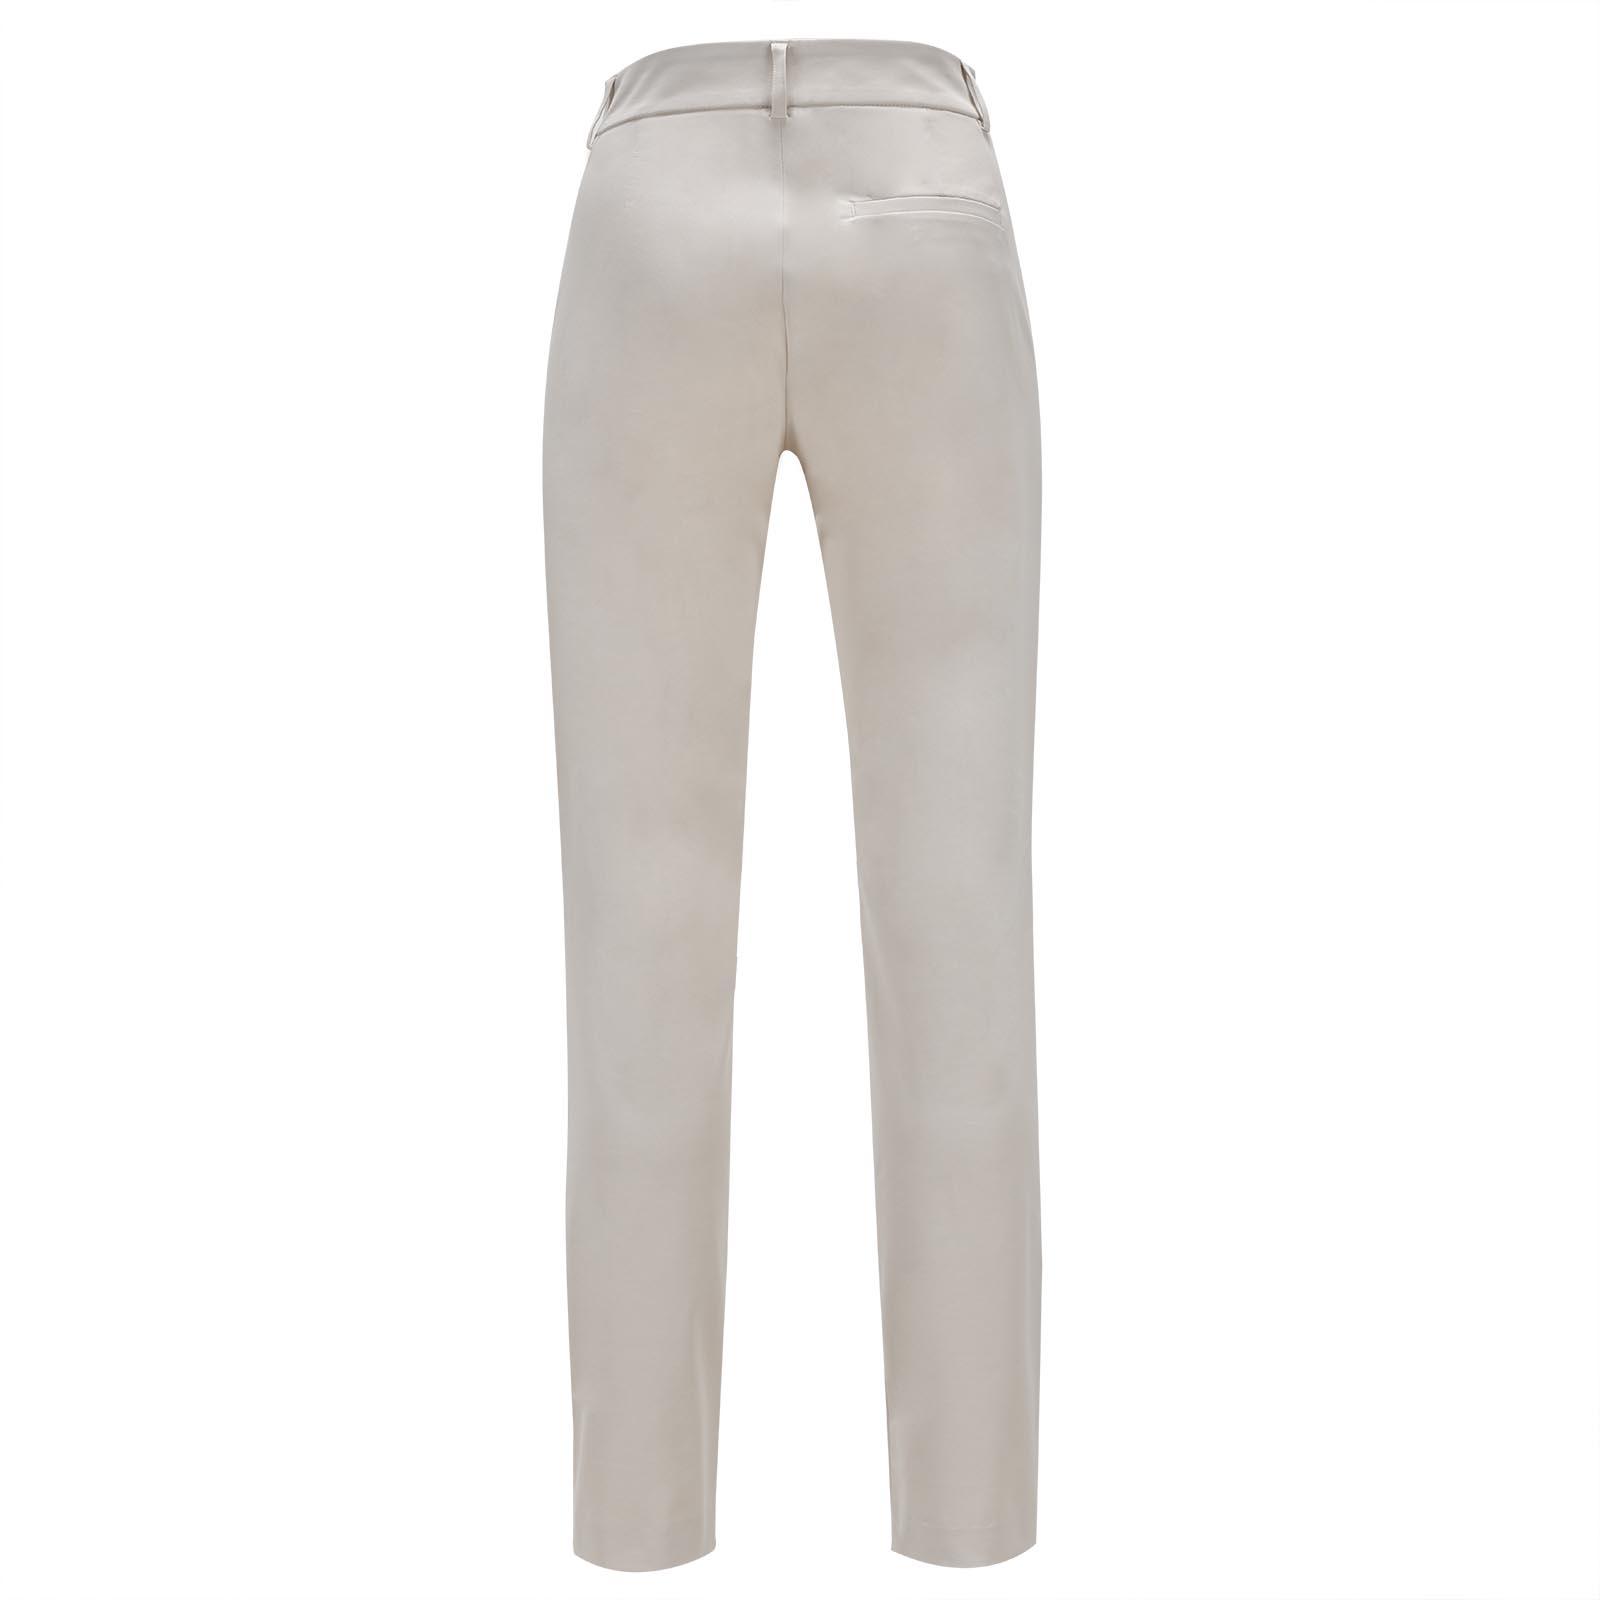 Damen 7/8-Golfhose aus leichtem Stretch-Material für eine schlanke Passform